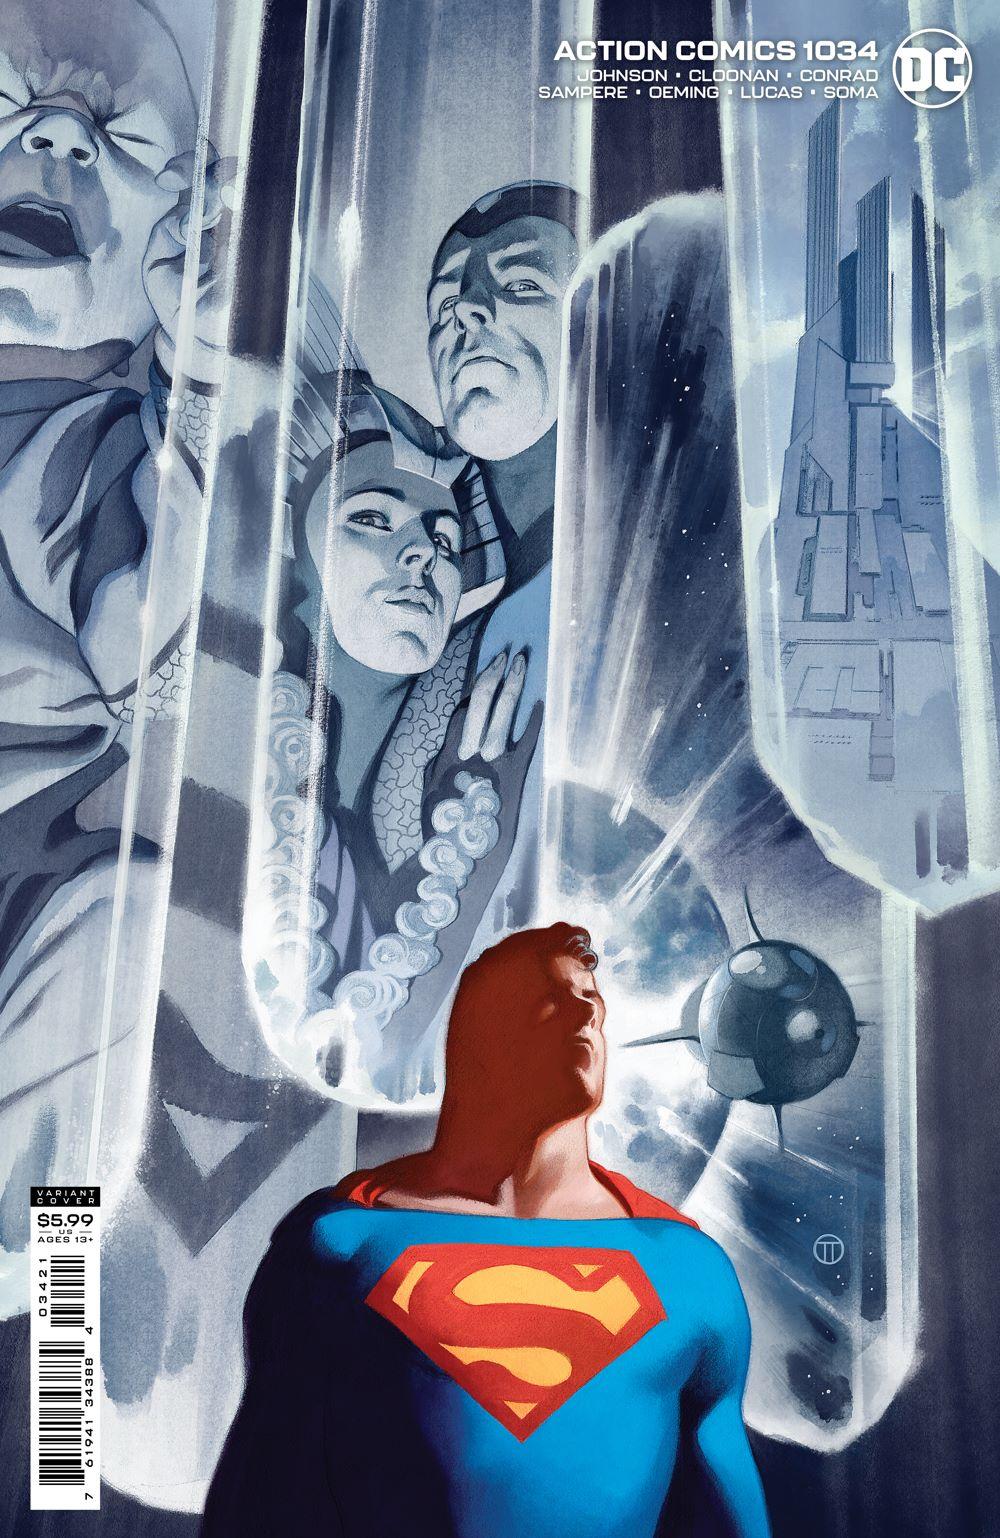 ACTIONCOMICS_Cv1034_var DC Comics August 2021 Solicitations